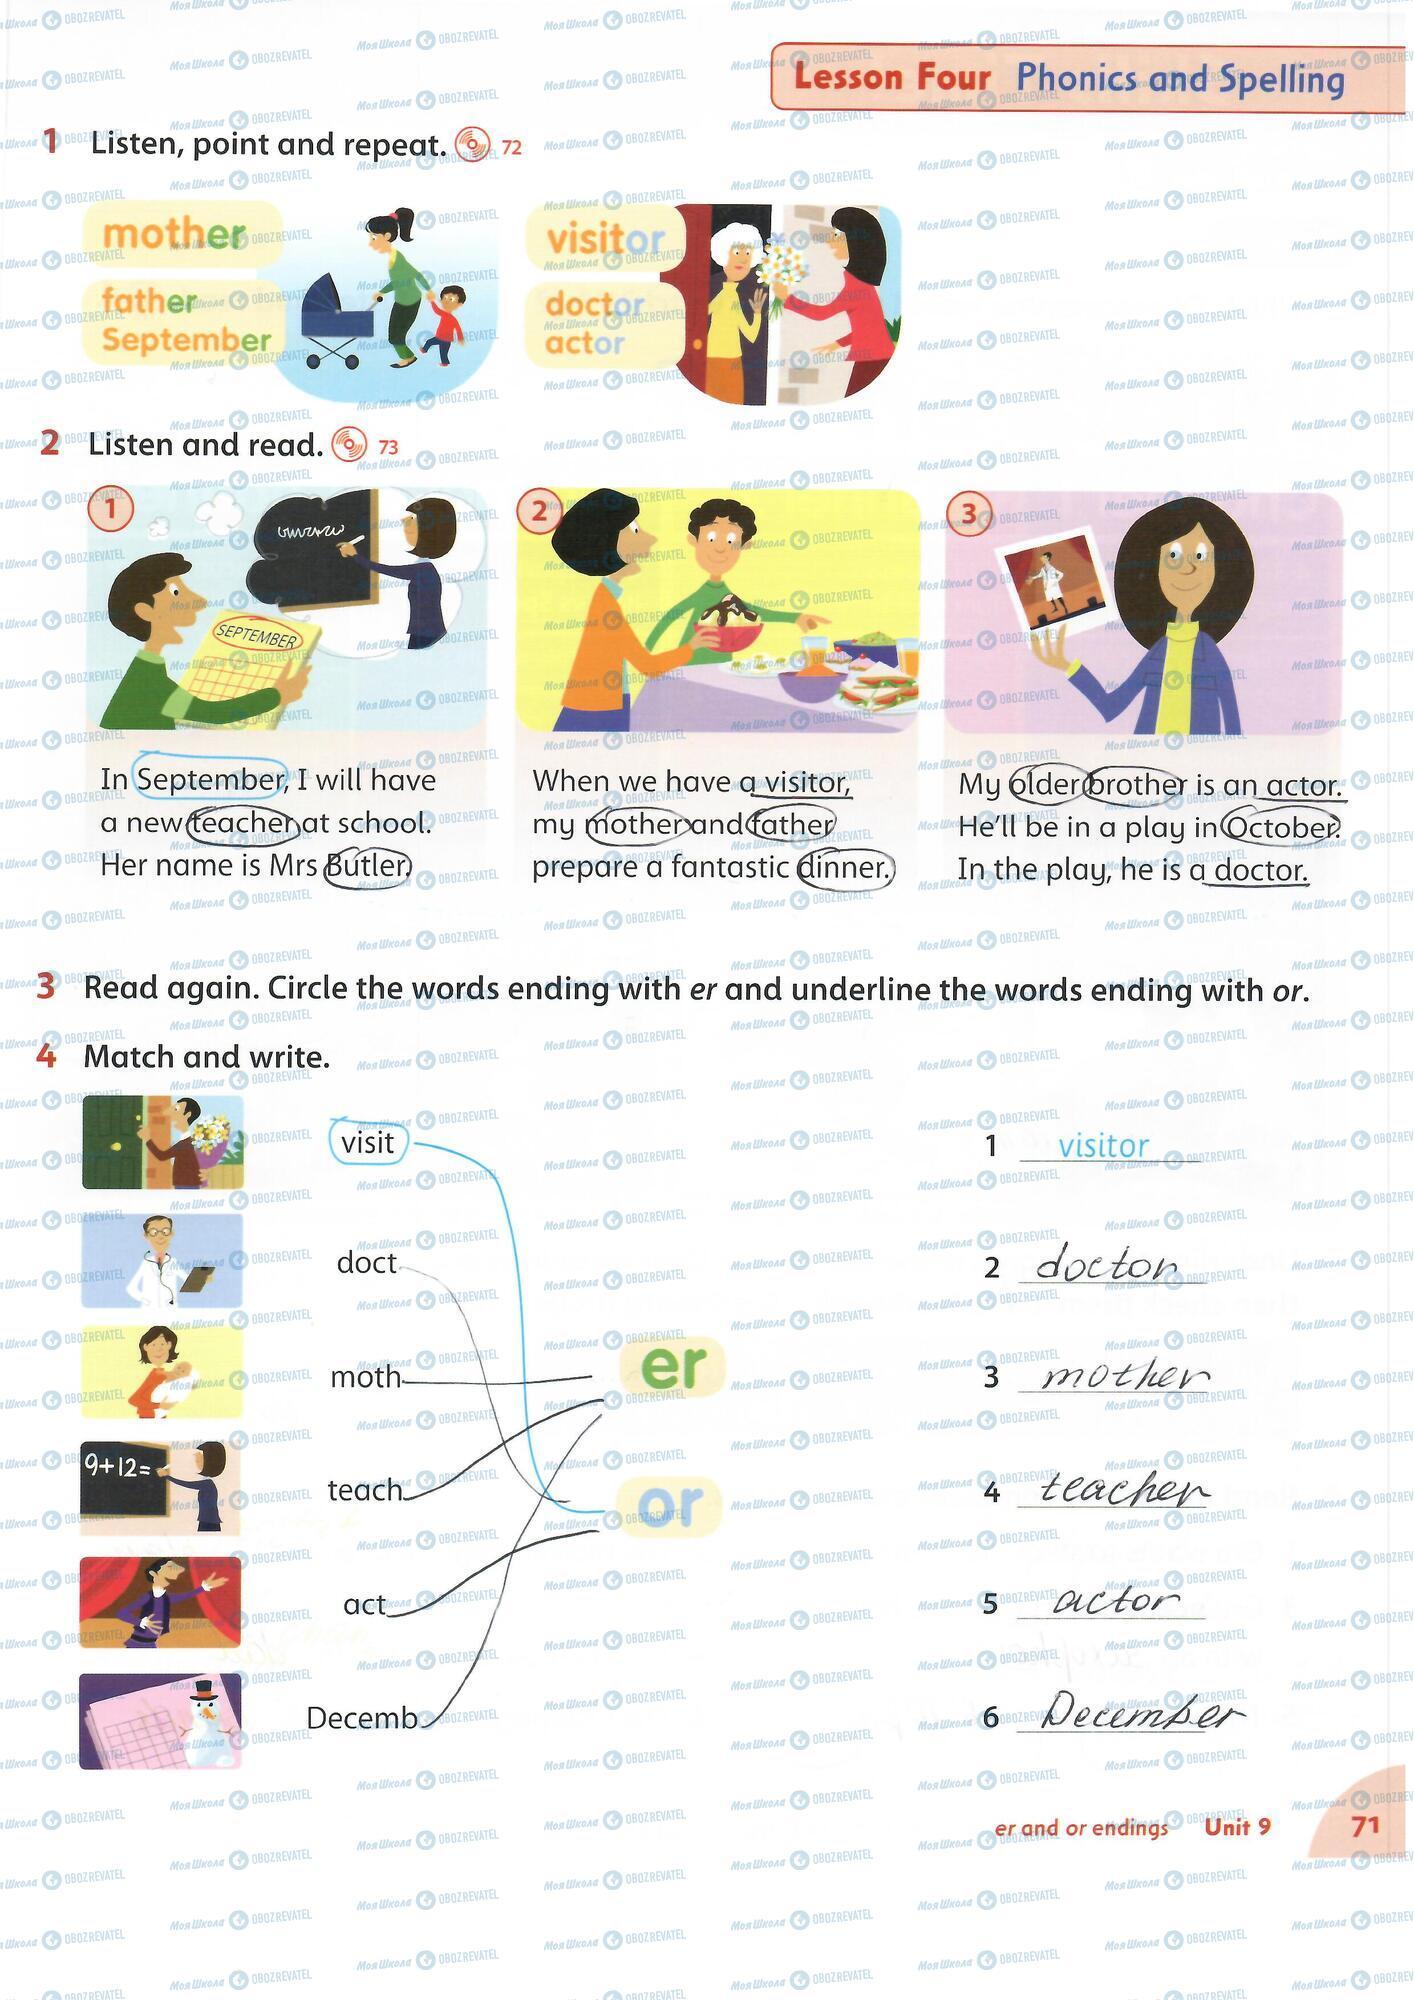 ГДЗ Англійська мова 4 клас сторінка 71